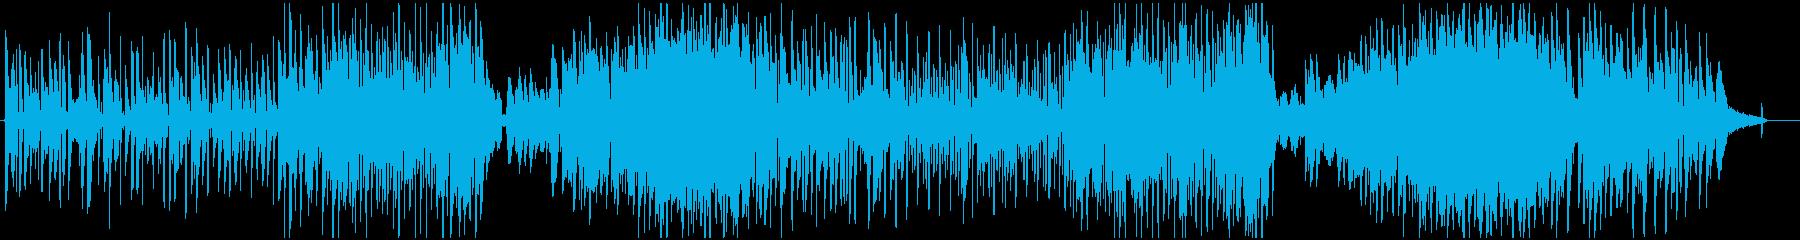 人々に問いかける心情をピアノと歌で奏でるの再生済みの波形